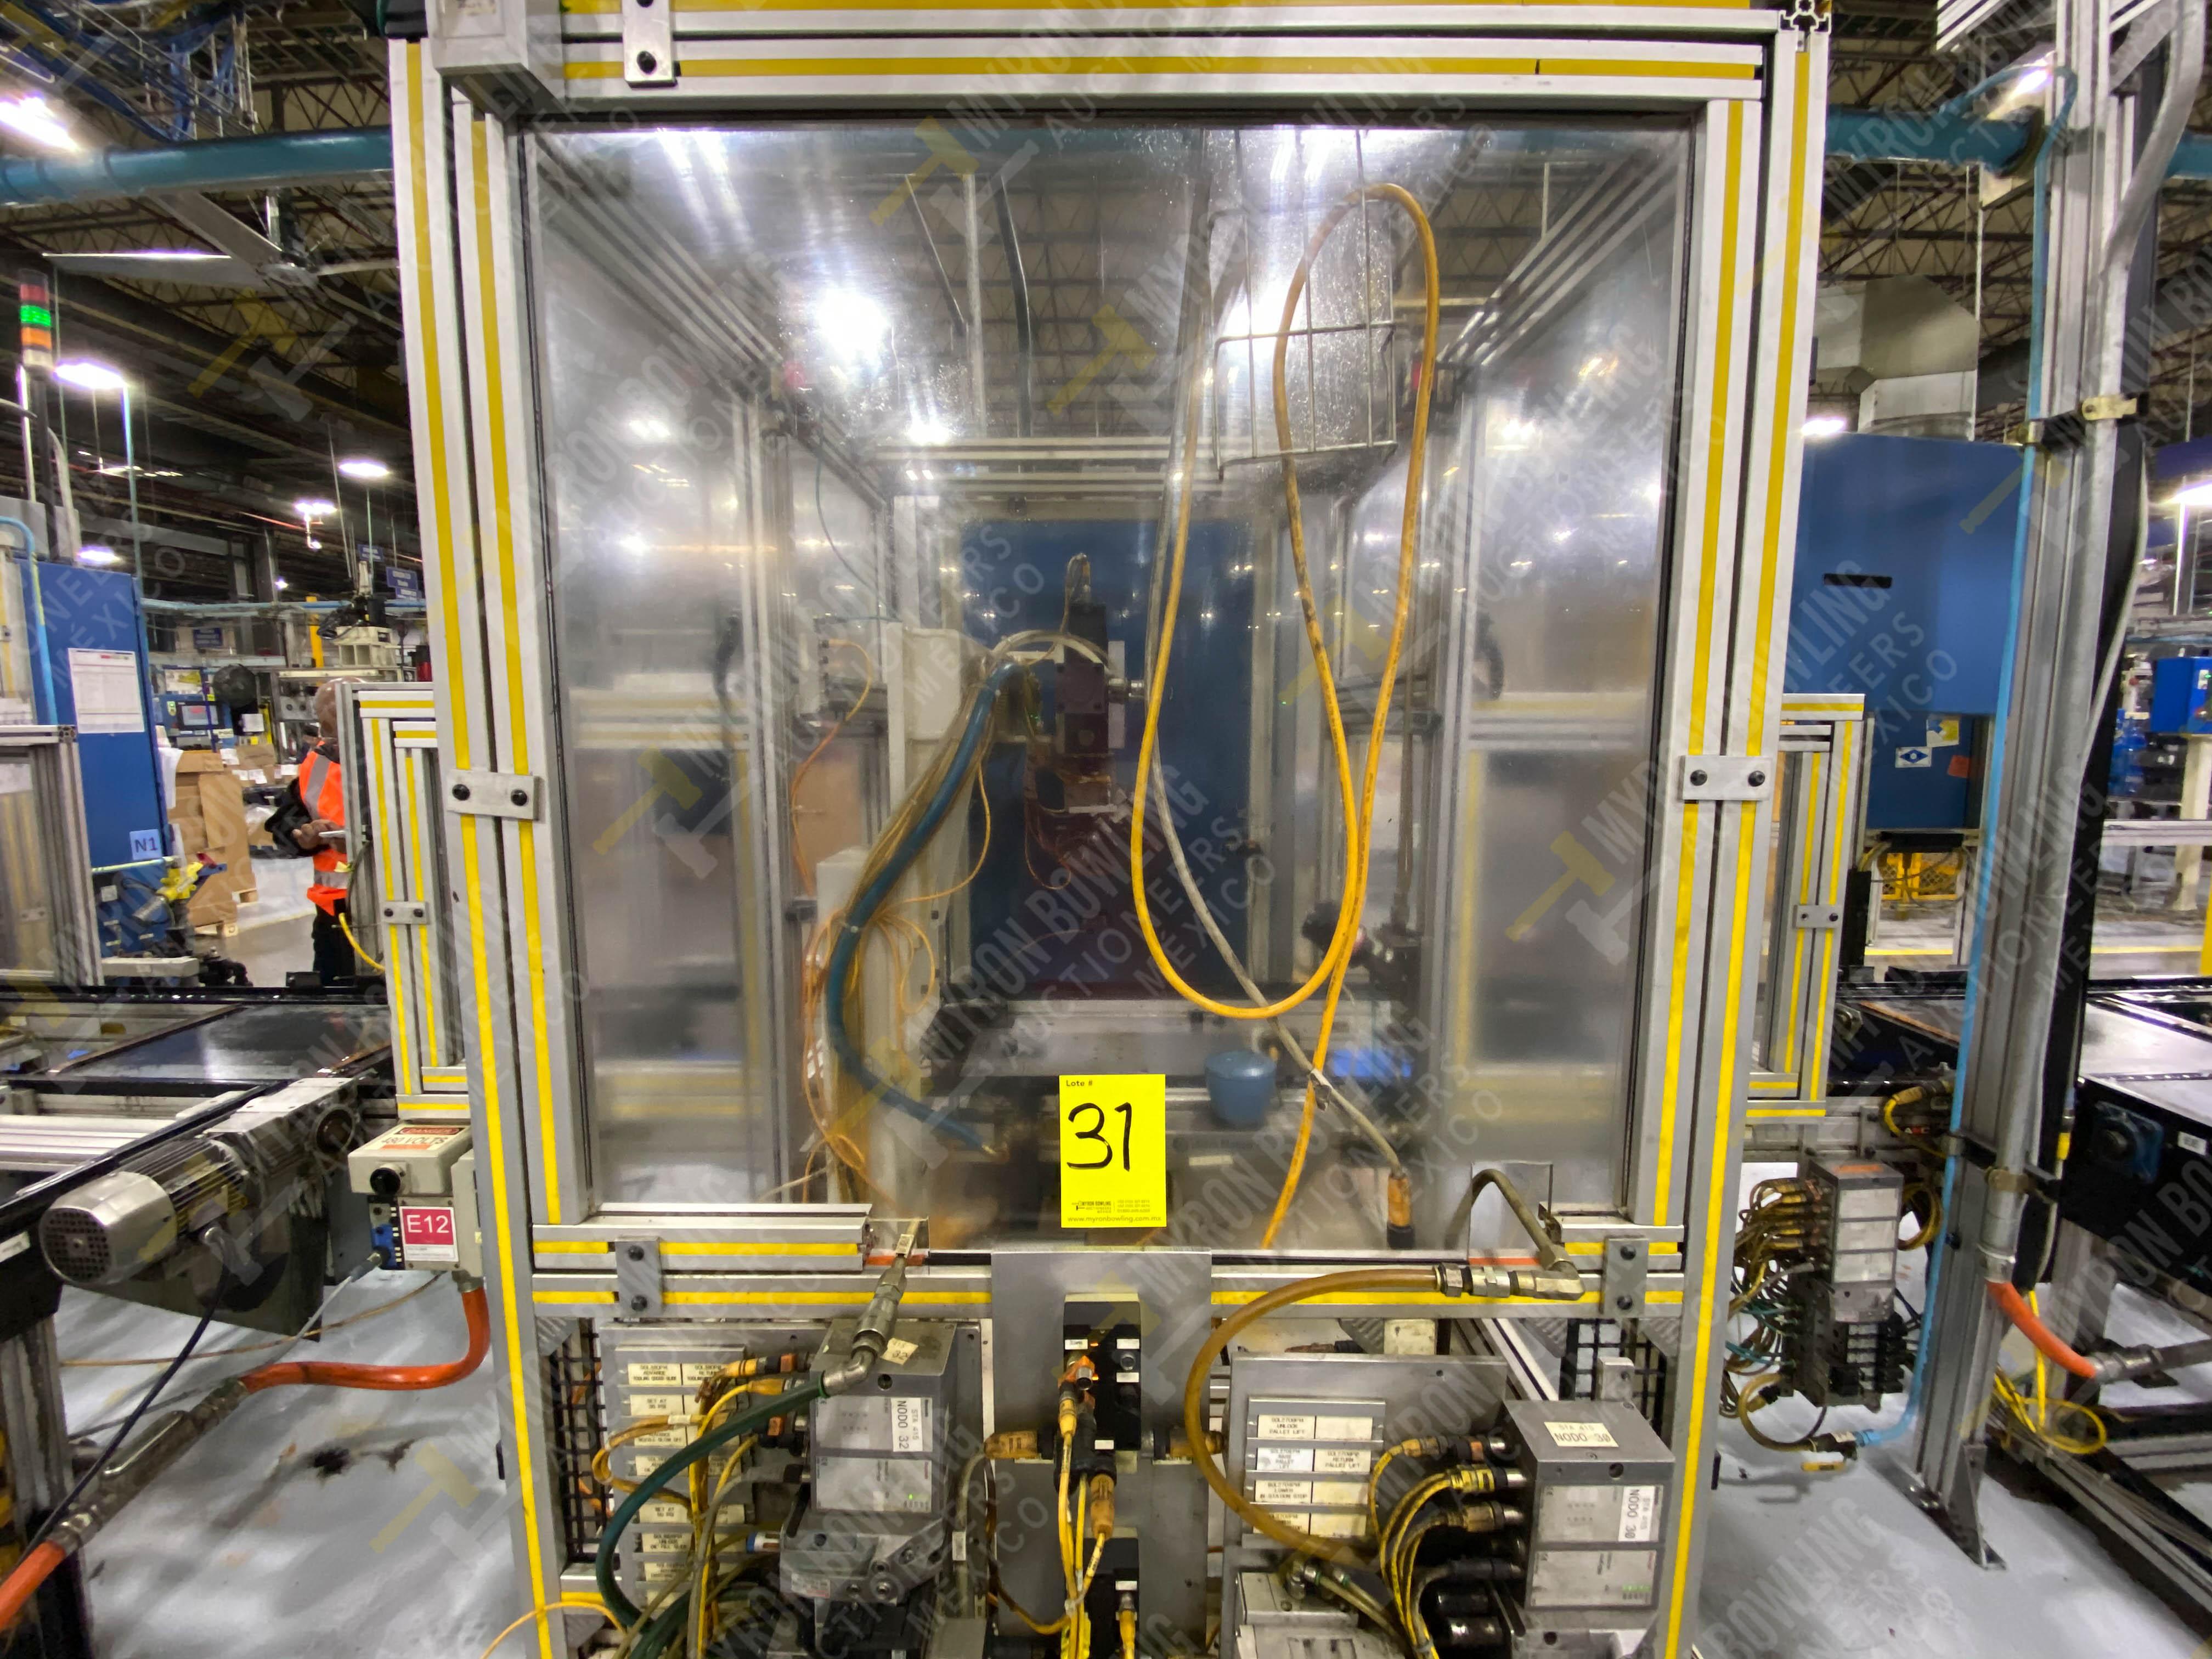 Estación semiautomática para operación 416, contiene: Sistema de llenado de aceite - Image 8 of 20